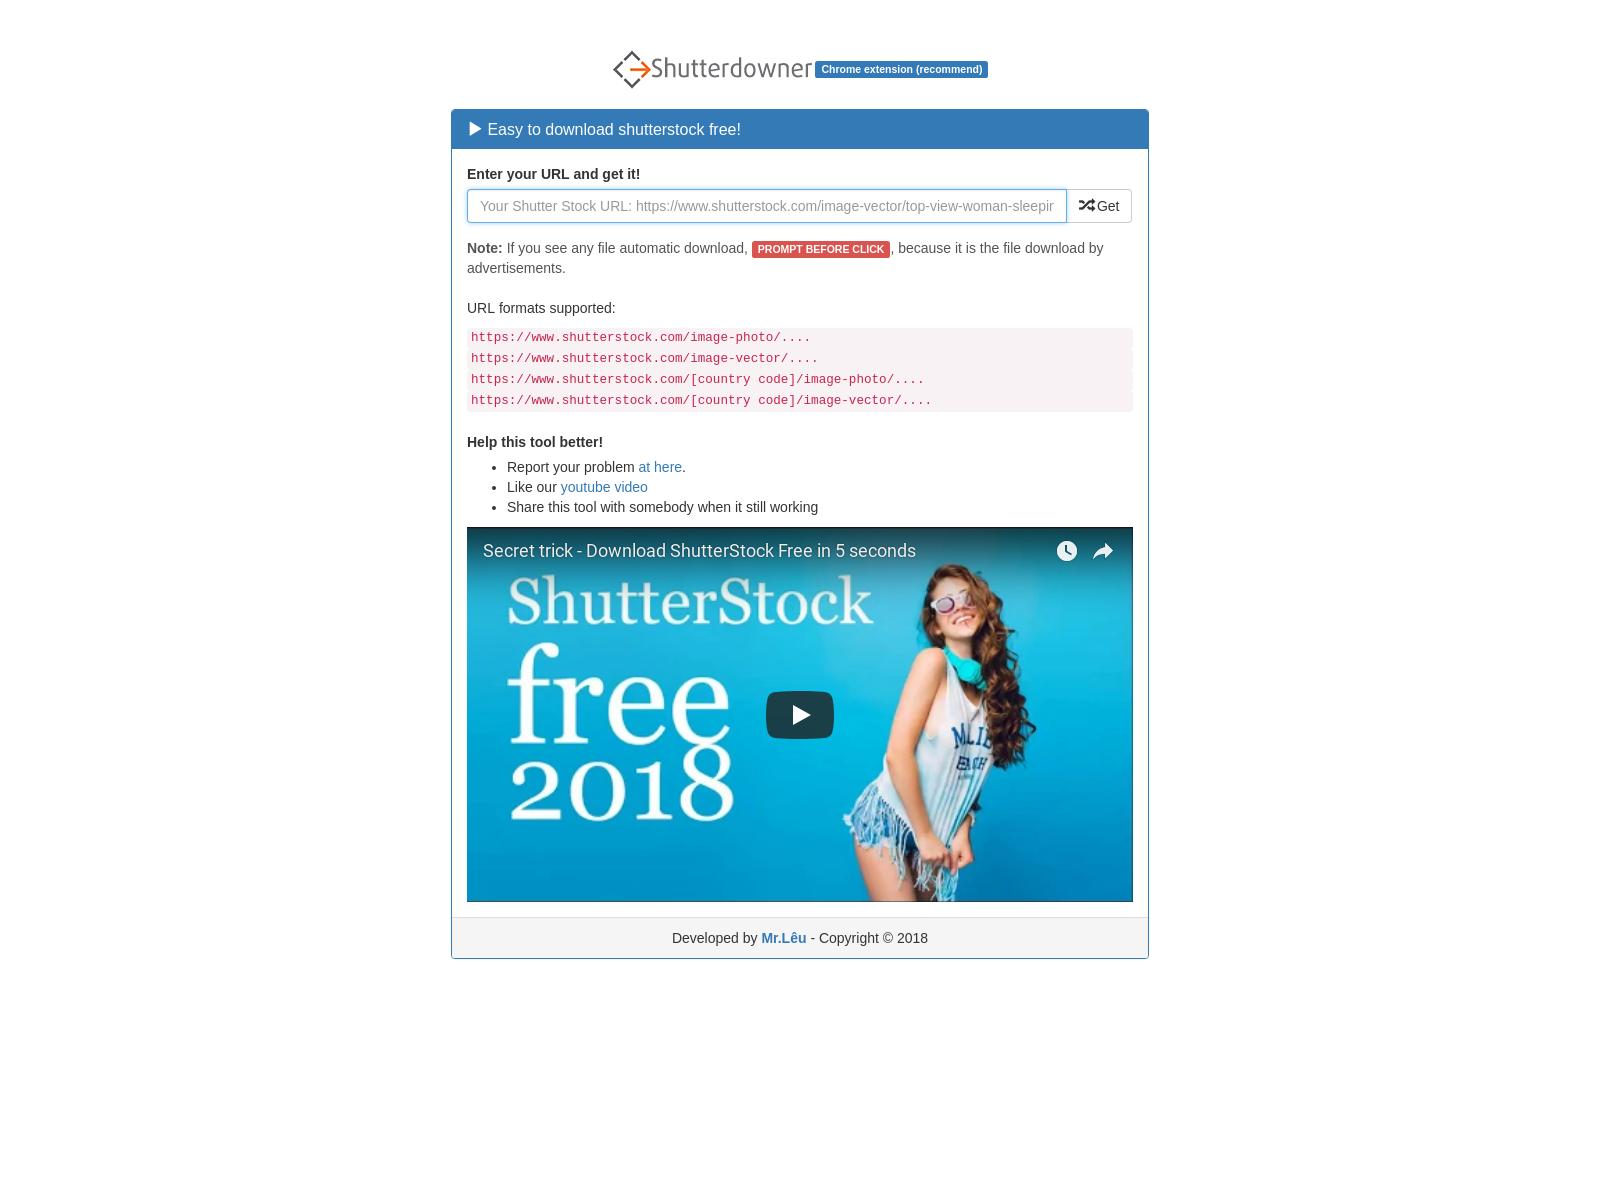 shutterdowner live - urlscan io